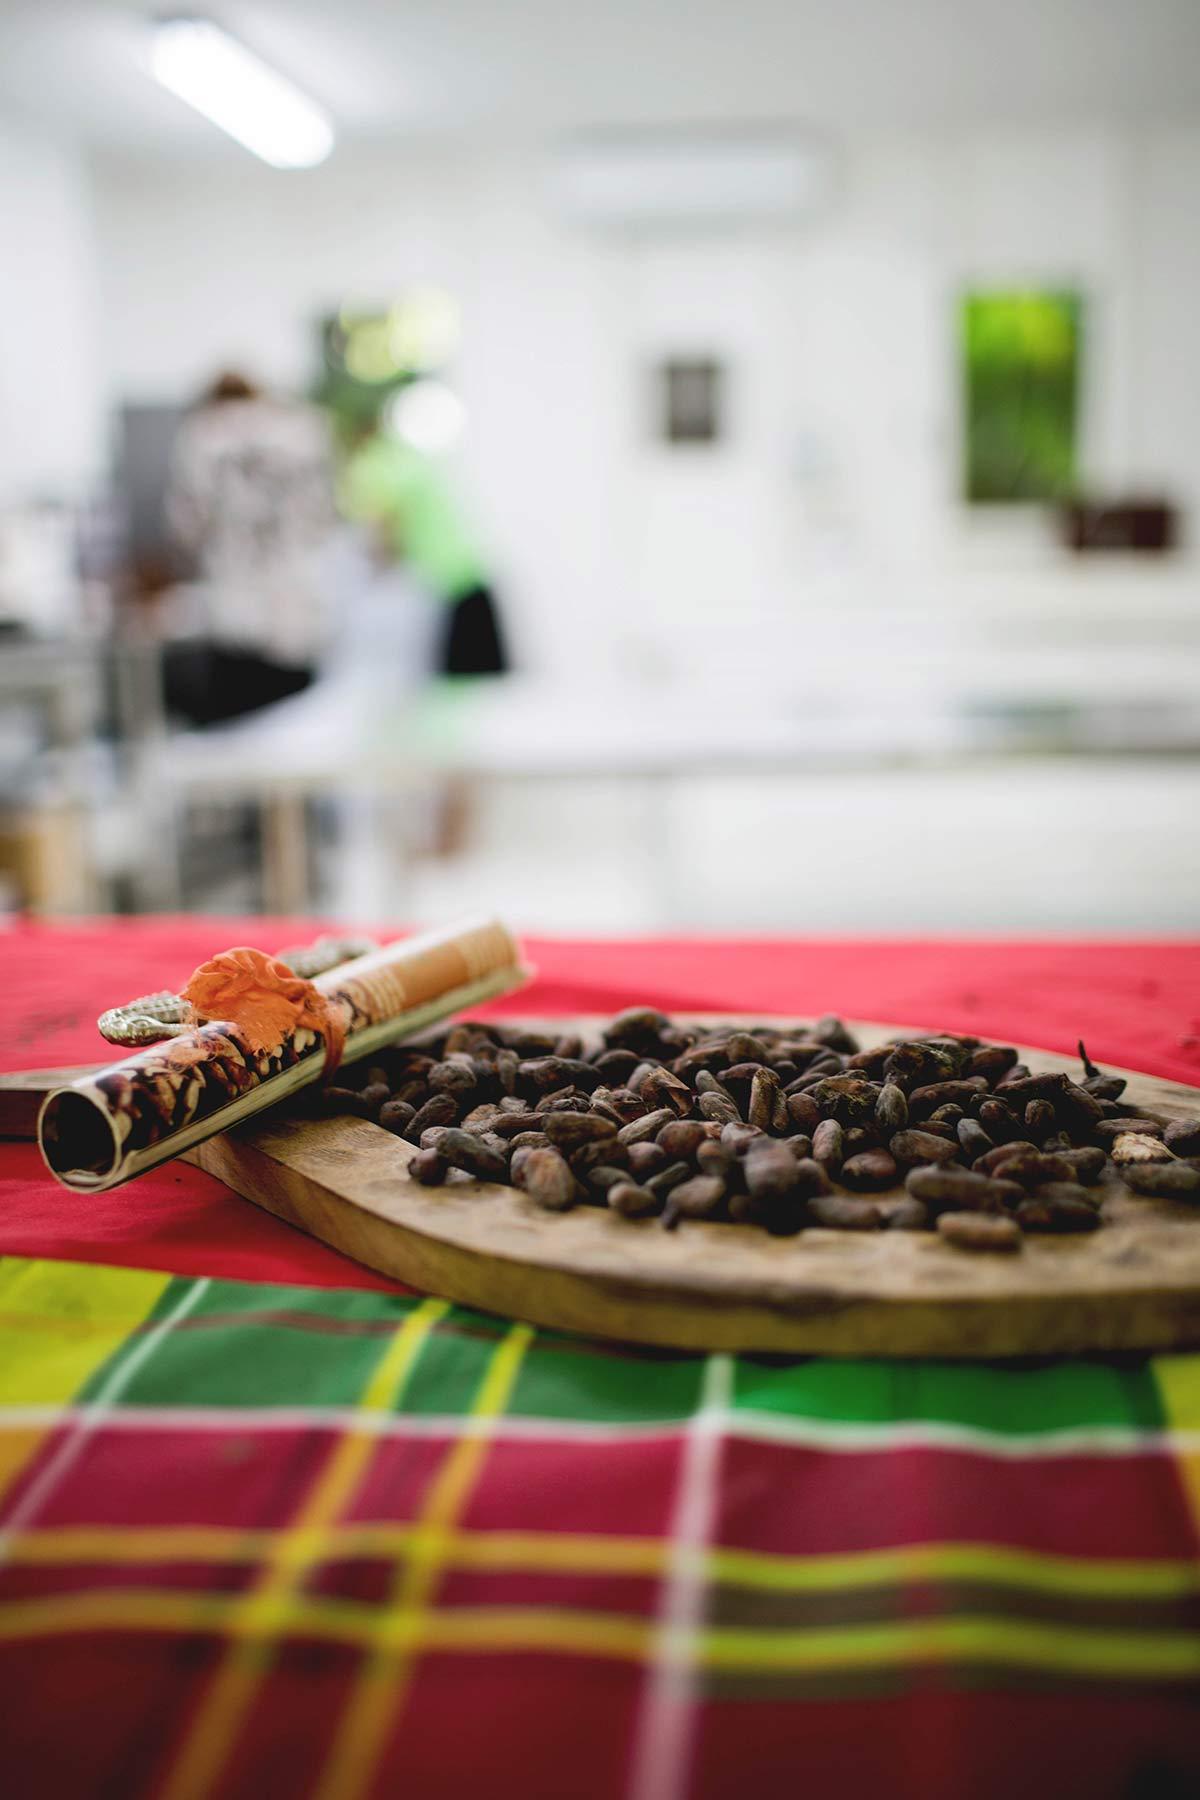 Kakaobohnen-auf-dem-Tisch